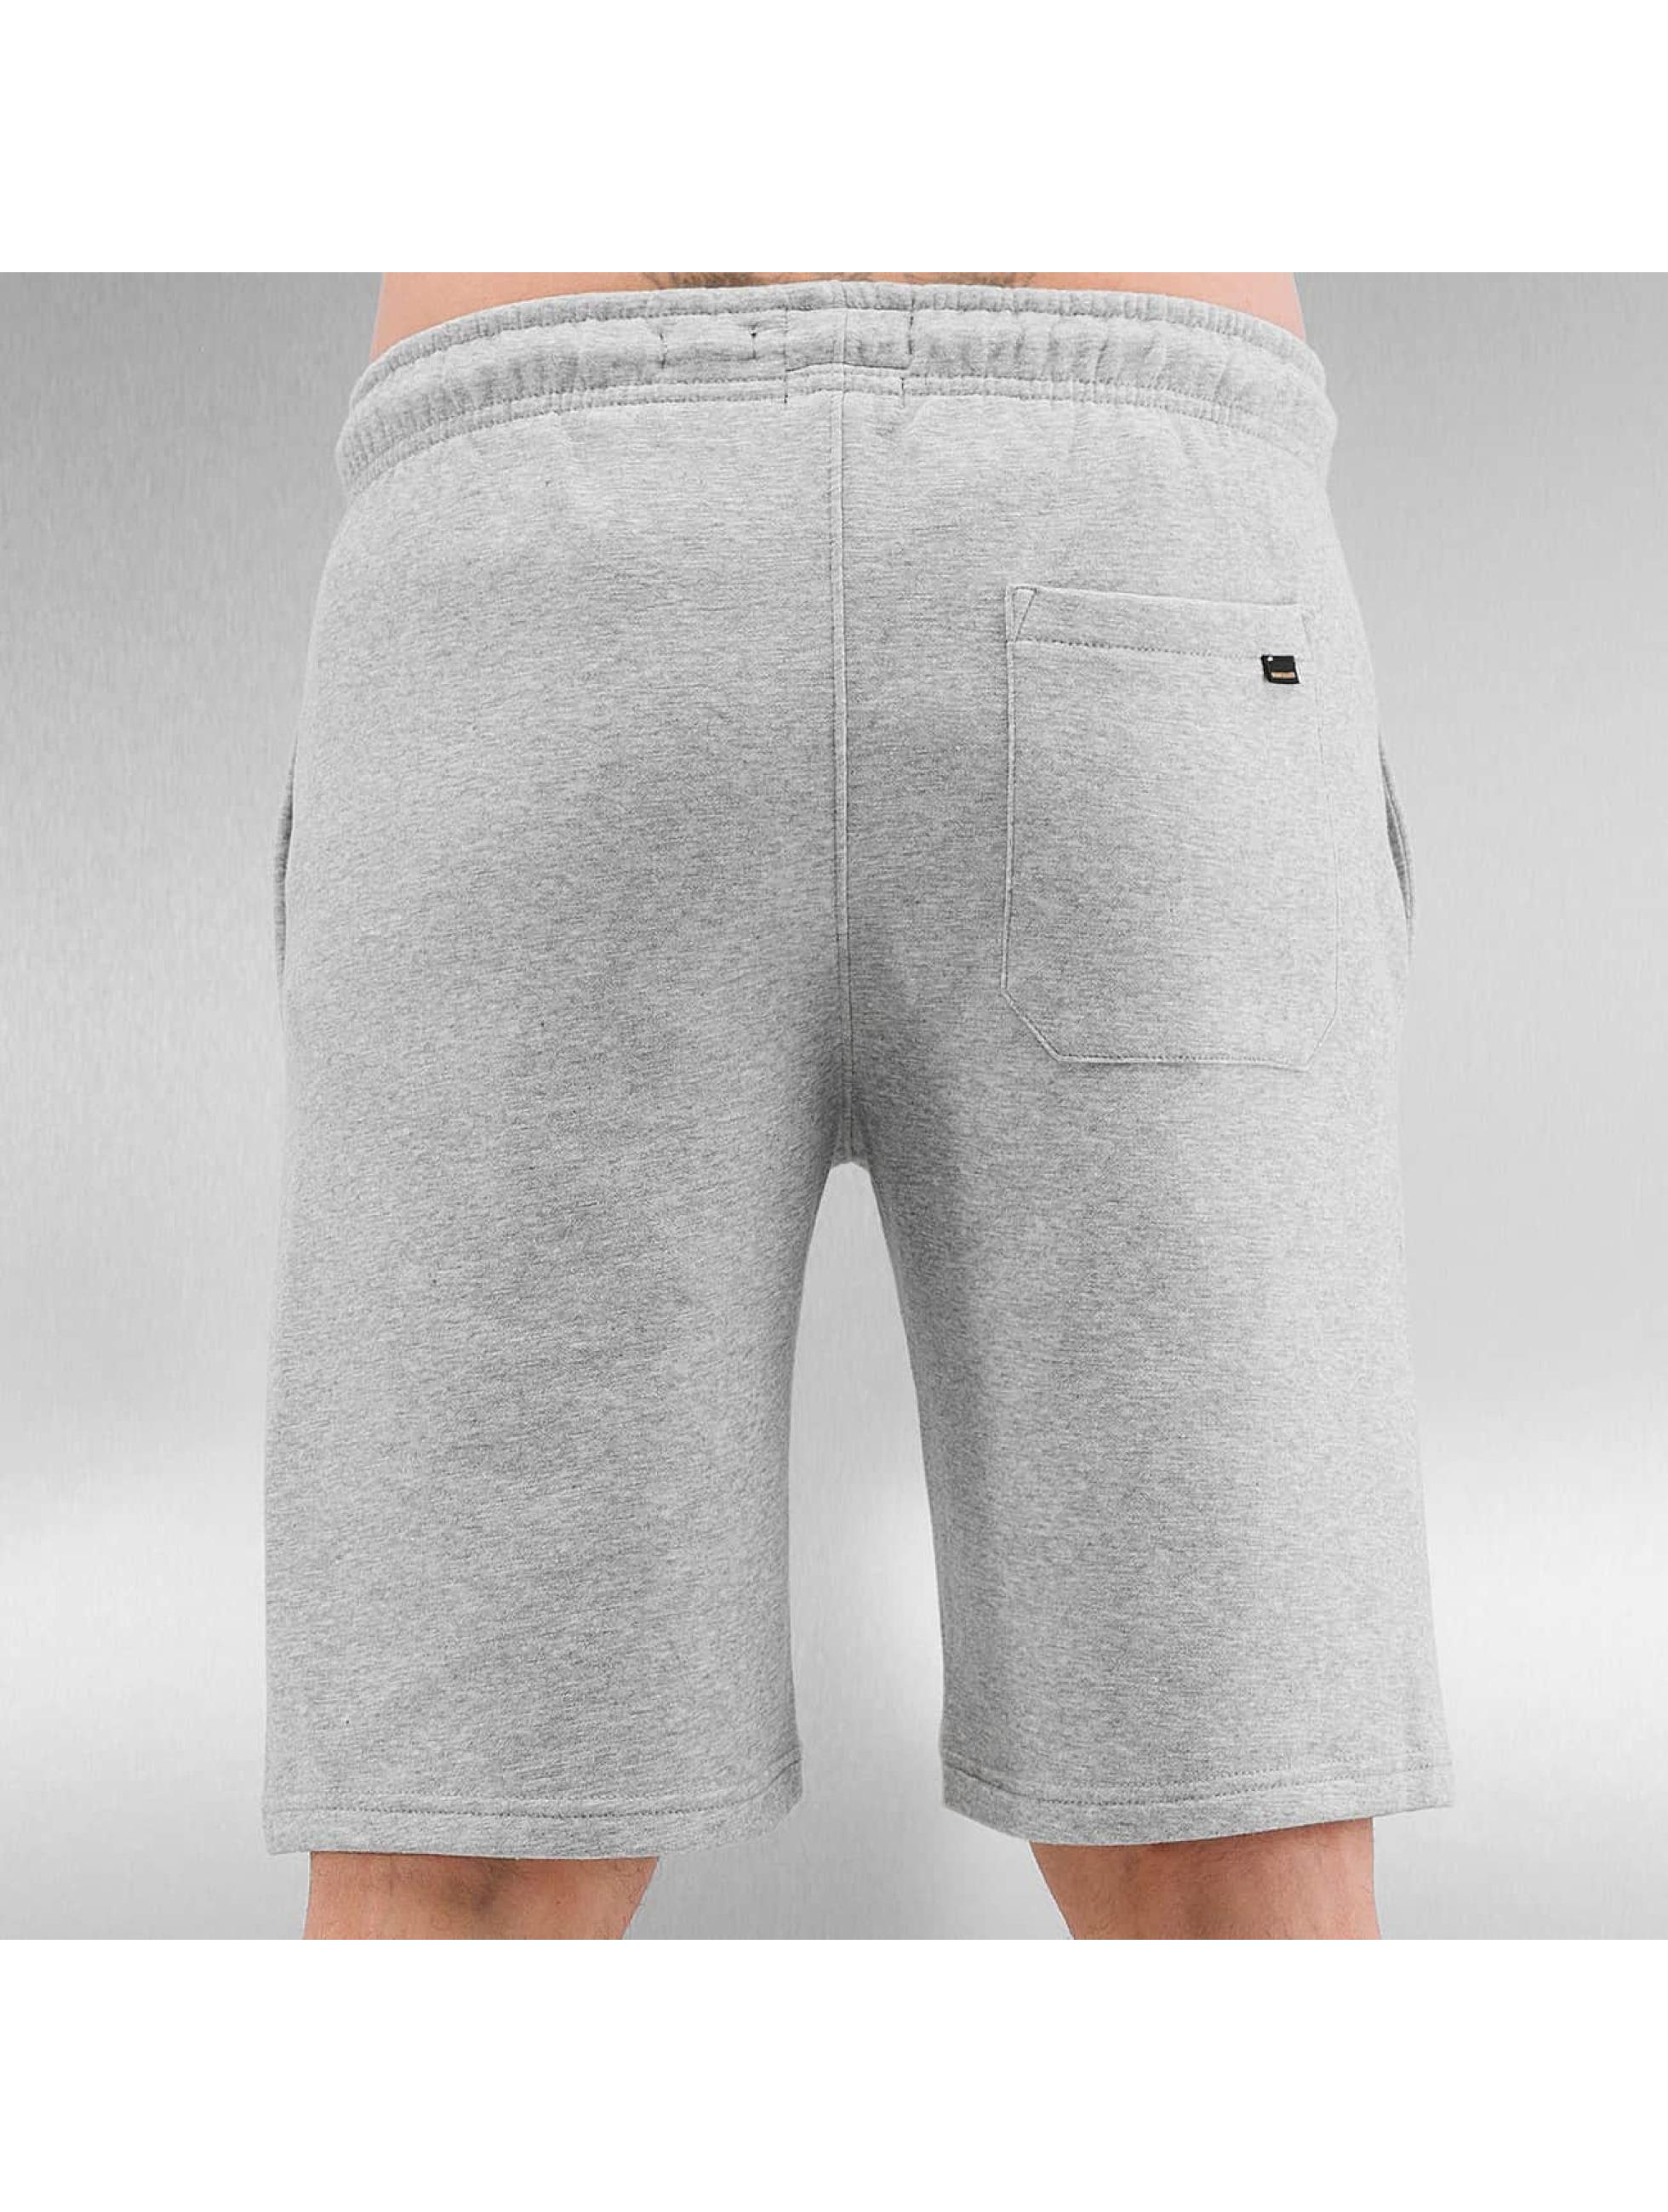 Quiksilver Short Everyday grey